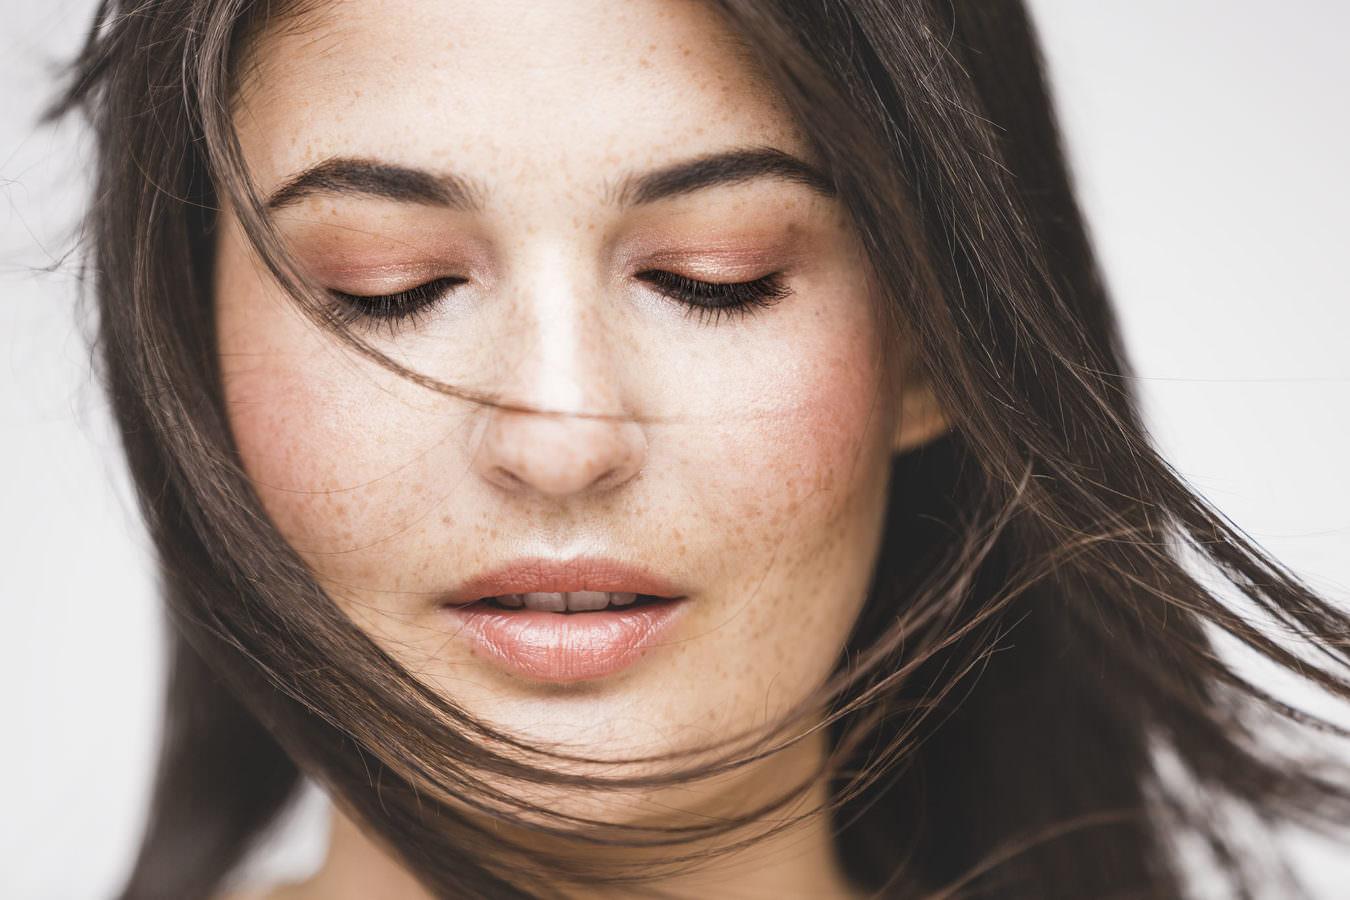 Eine Close Up eines Models mit Sommersprossen, deren Haare über das Gesicht wehen